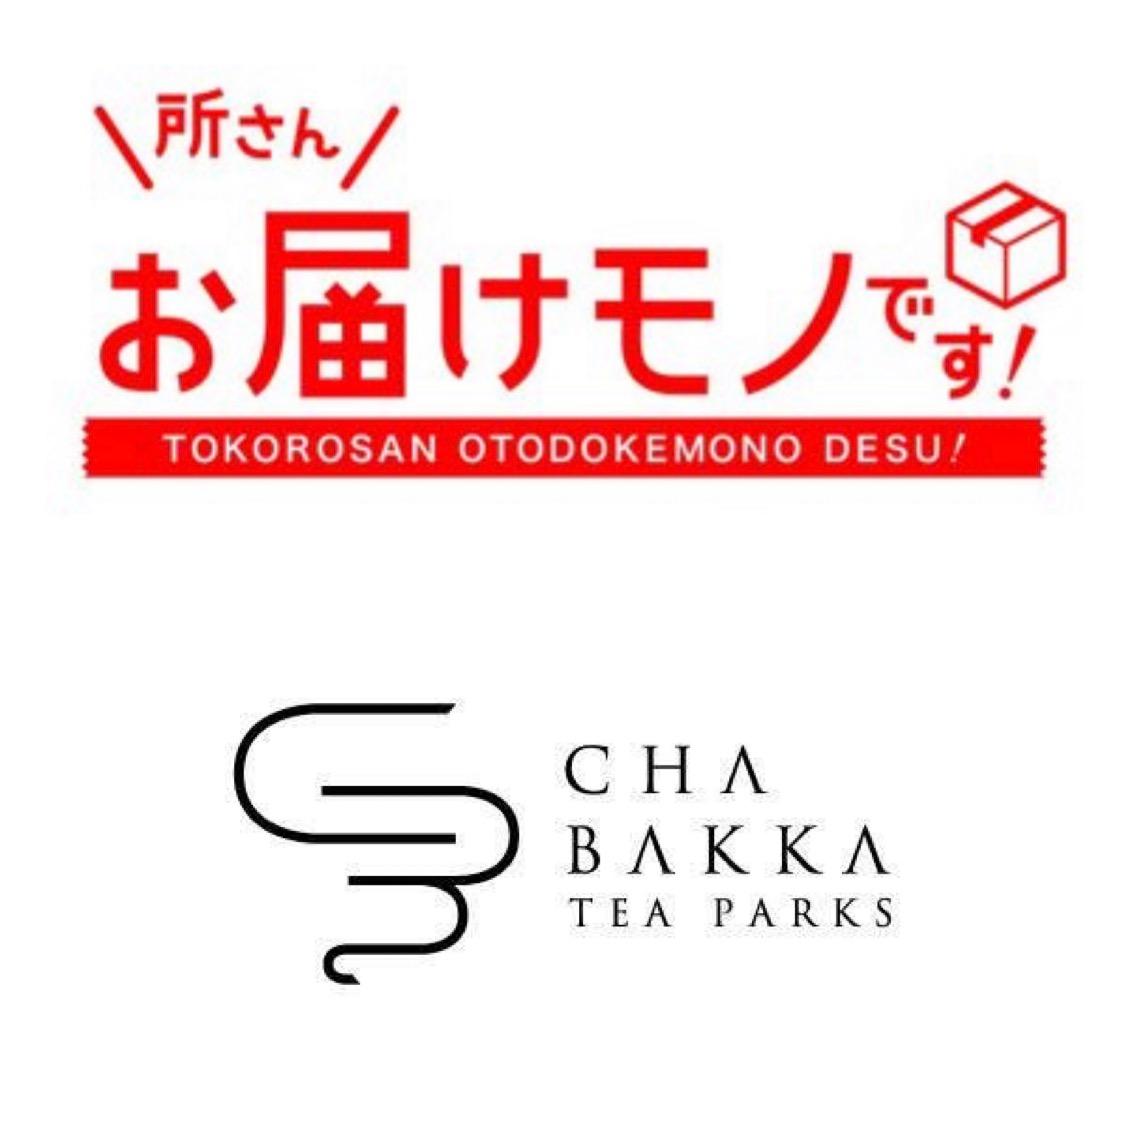 「所さんお届けものです!」×「CHABAKKA TEA PARKS」第2部